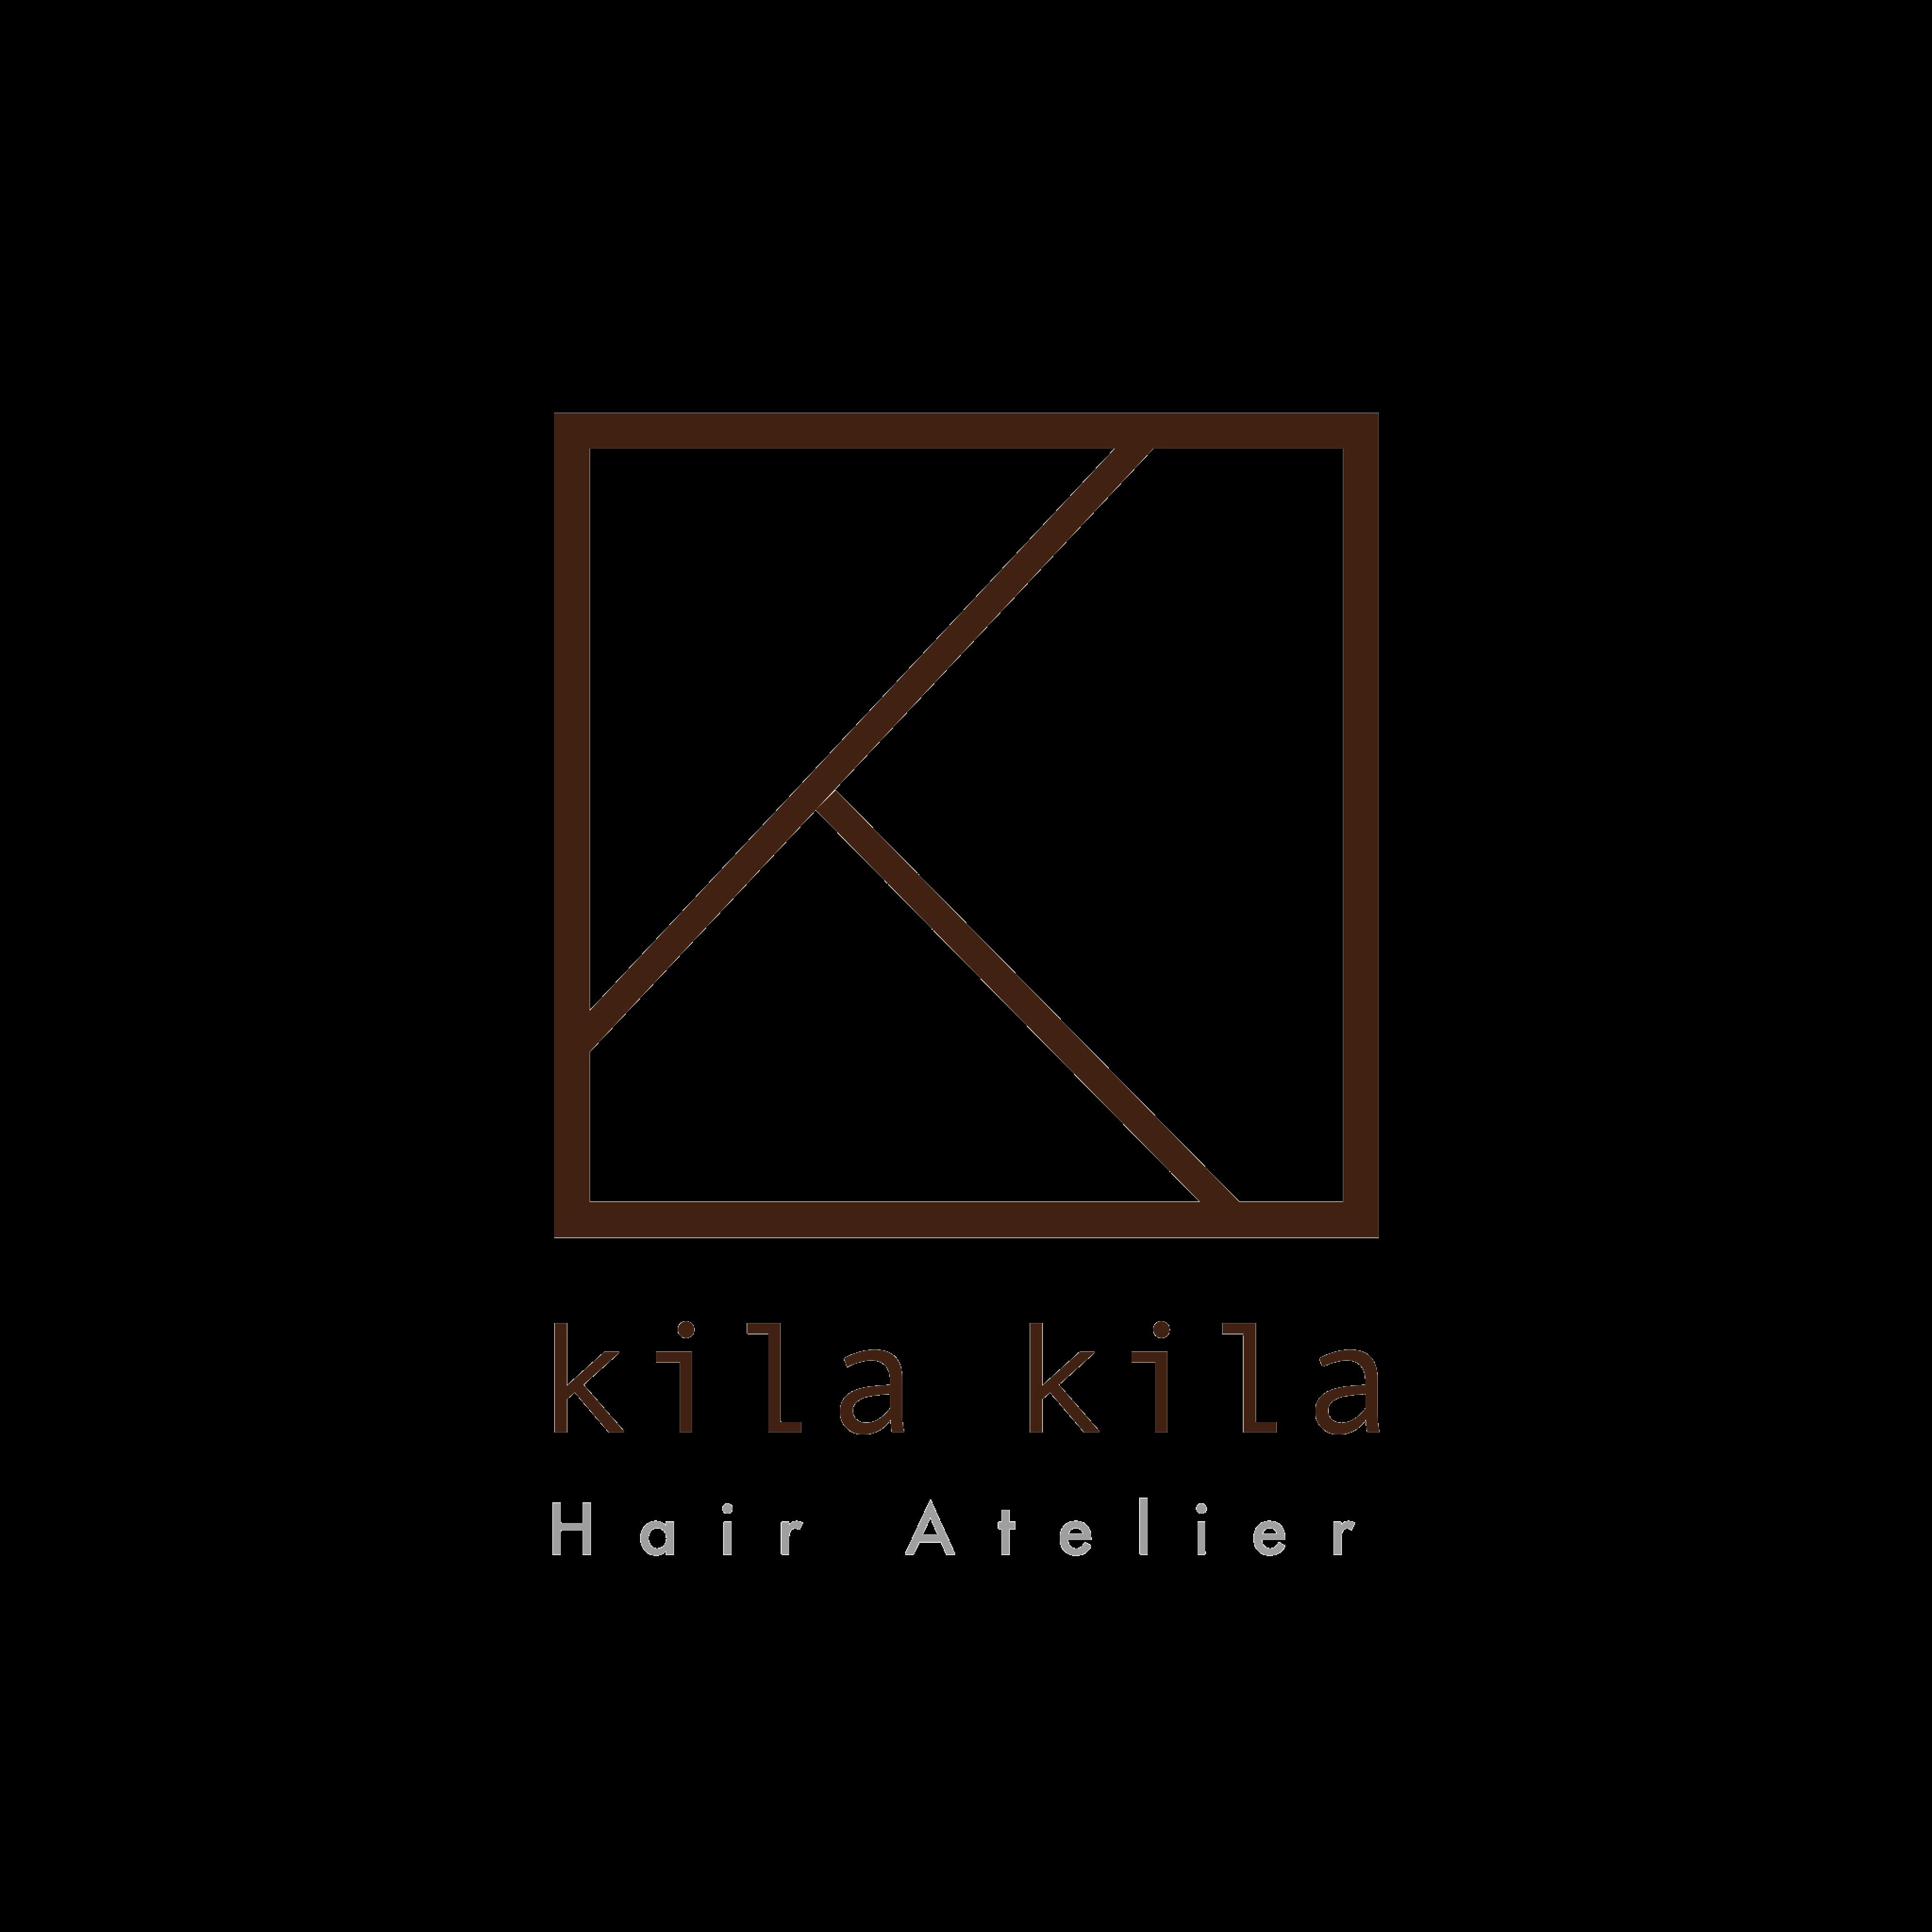 Kila Kila Hair Salon